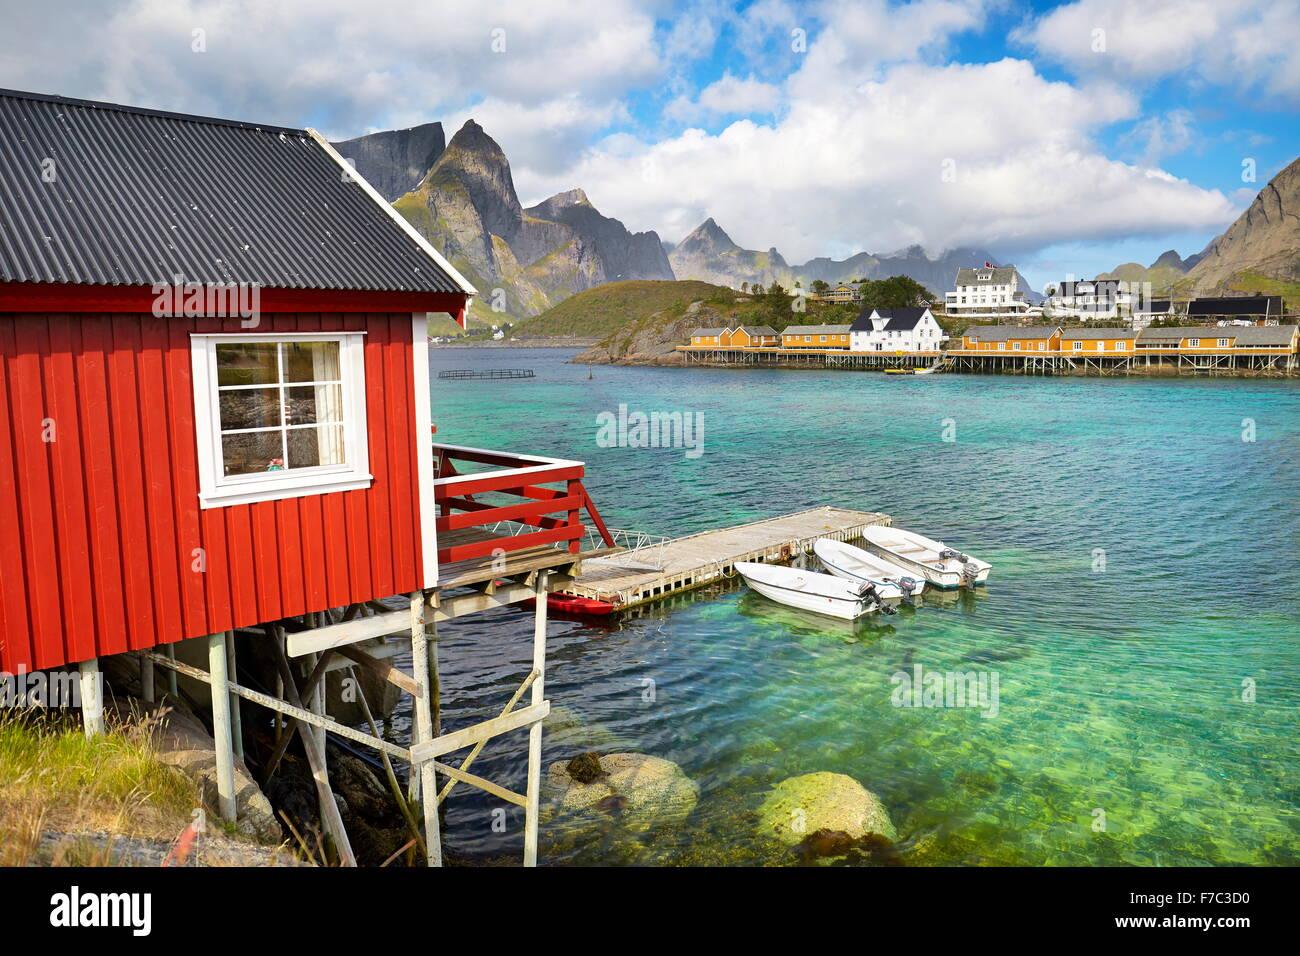 Lofoten-Inseln, traditionelle rote Fischerhütten Rorbu, Norwegen Stockbild